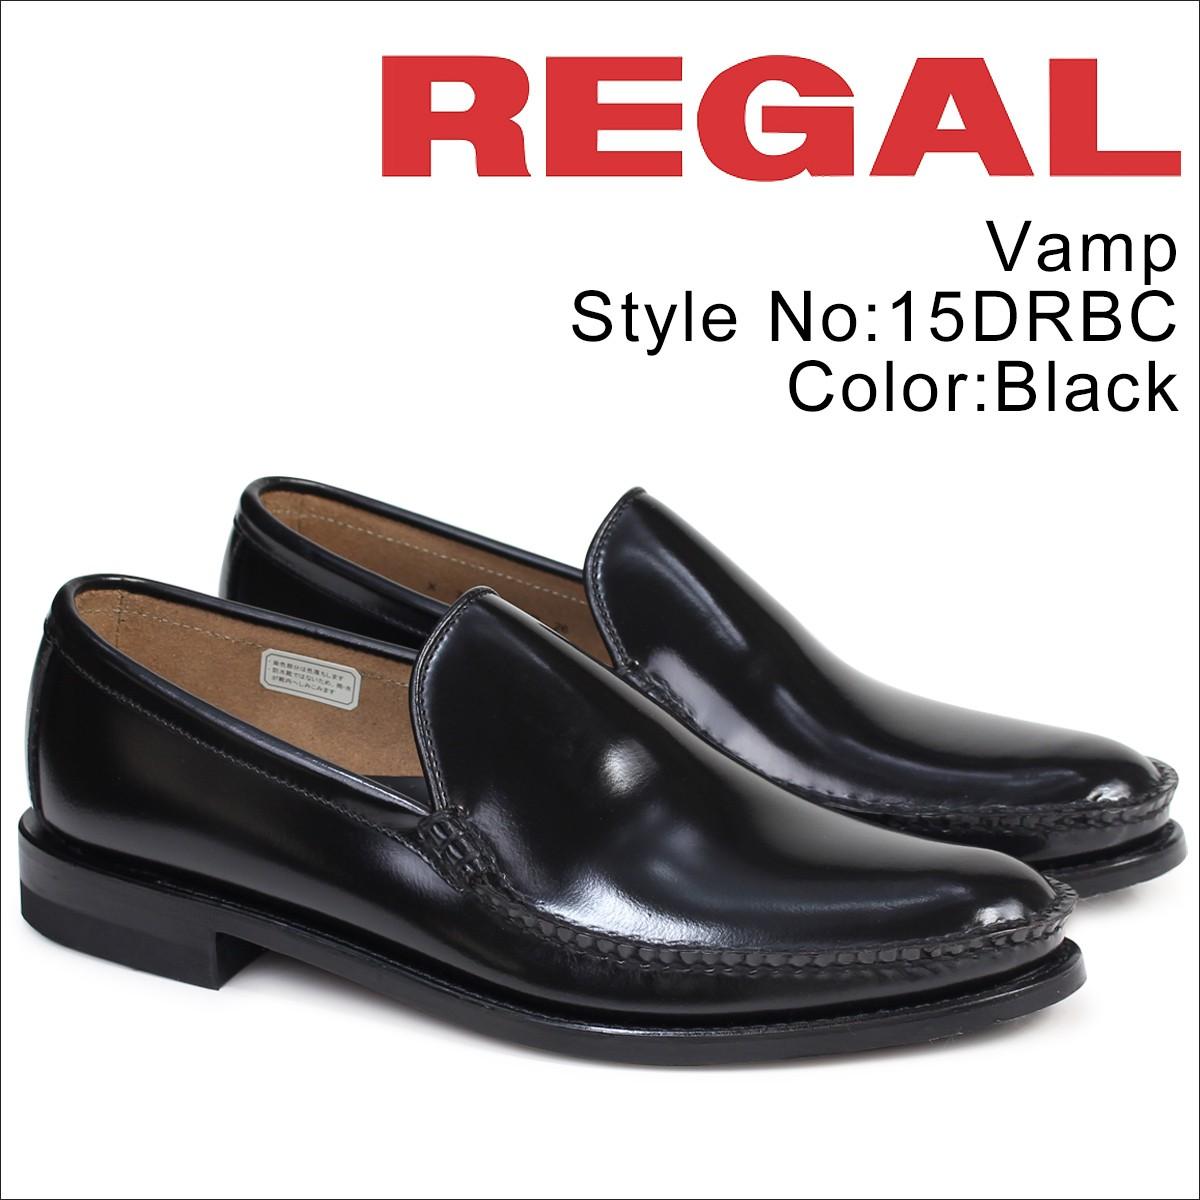 リーガル 靴 メンズ REGAL ヴァンプ スリッポン 15DRBC ビジネスシューズ ブラック [1/13 追加入荷]